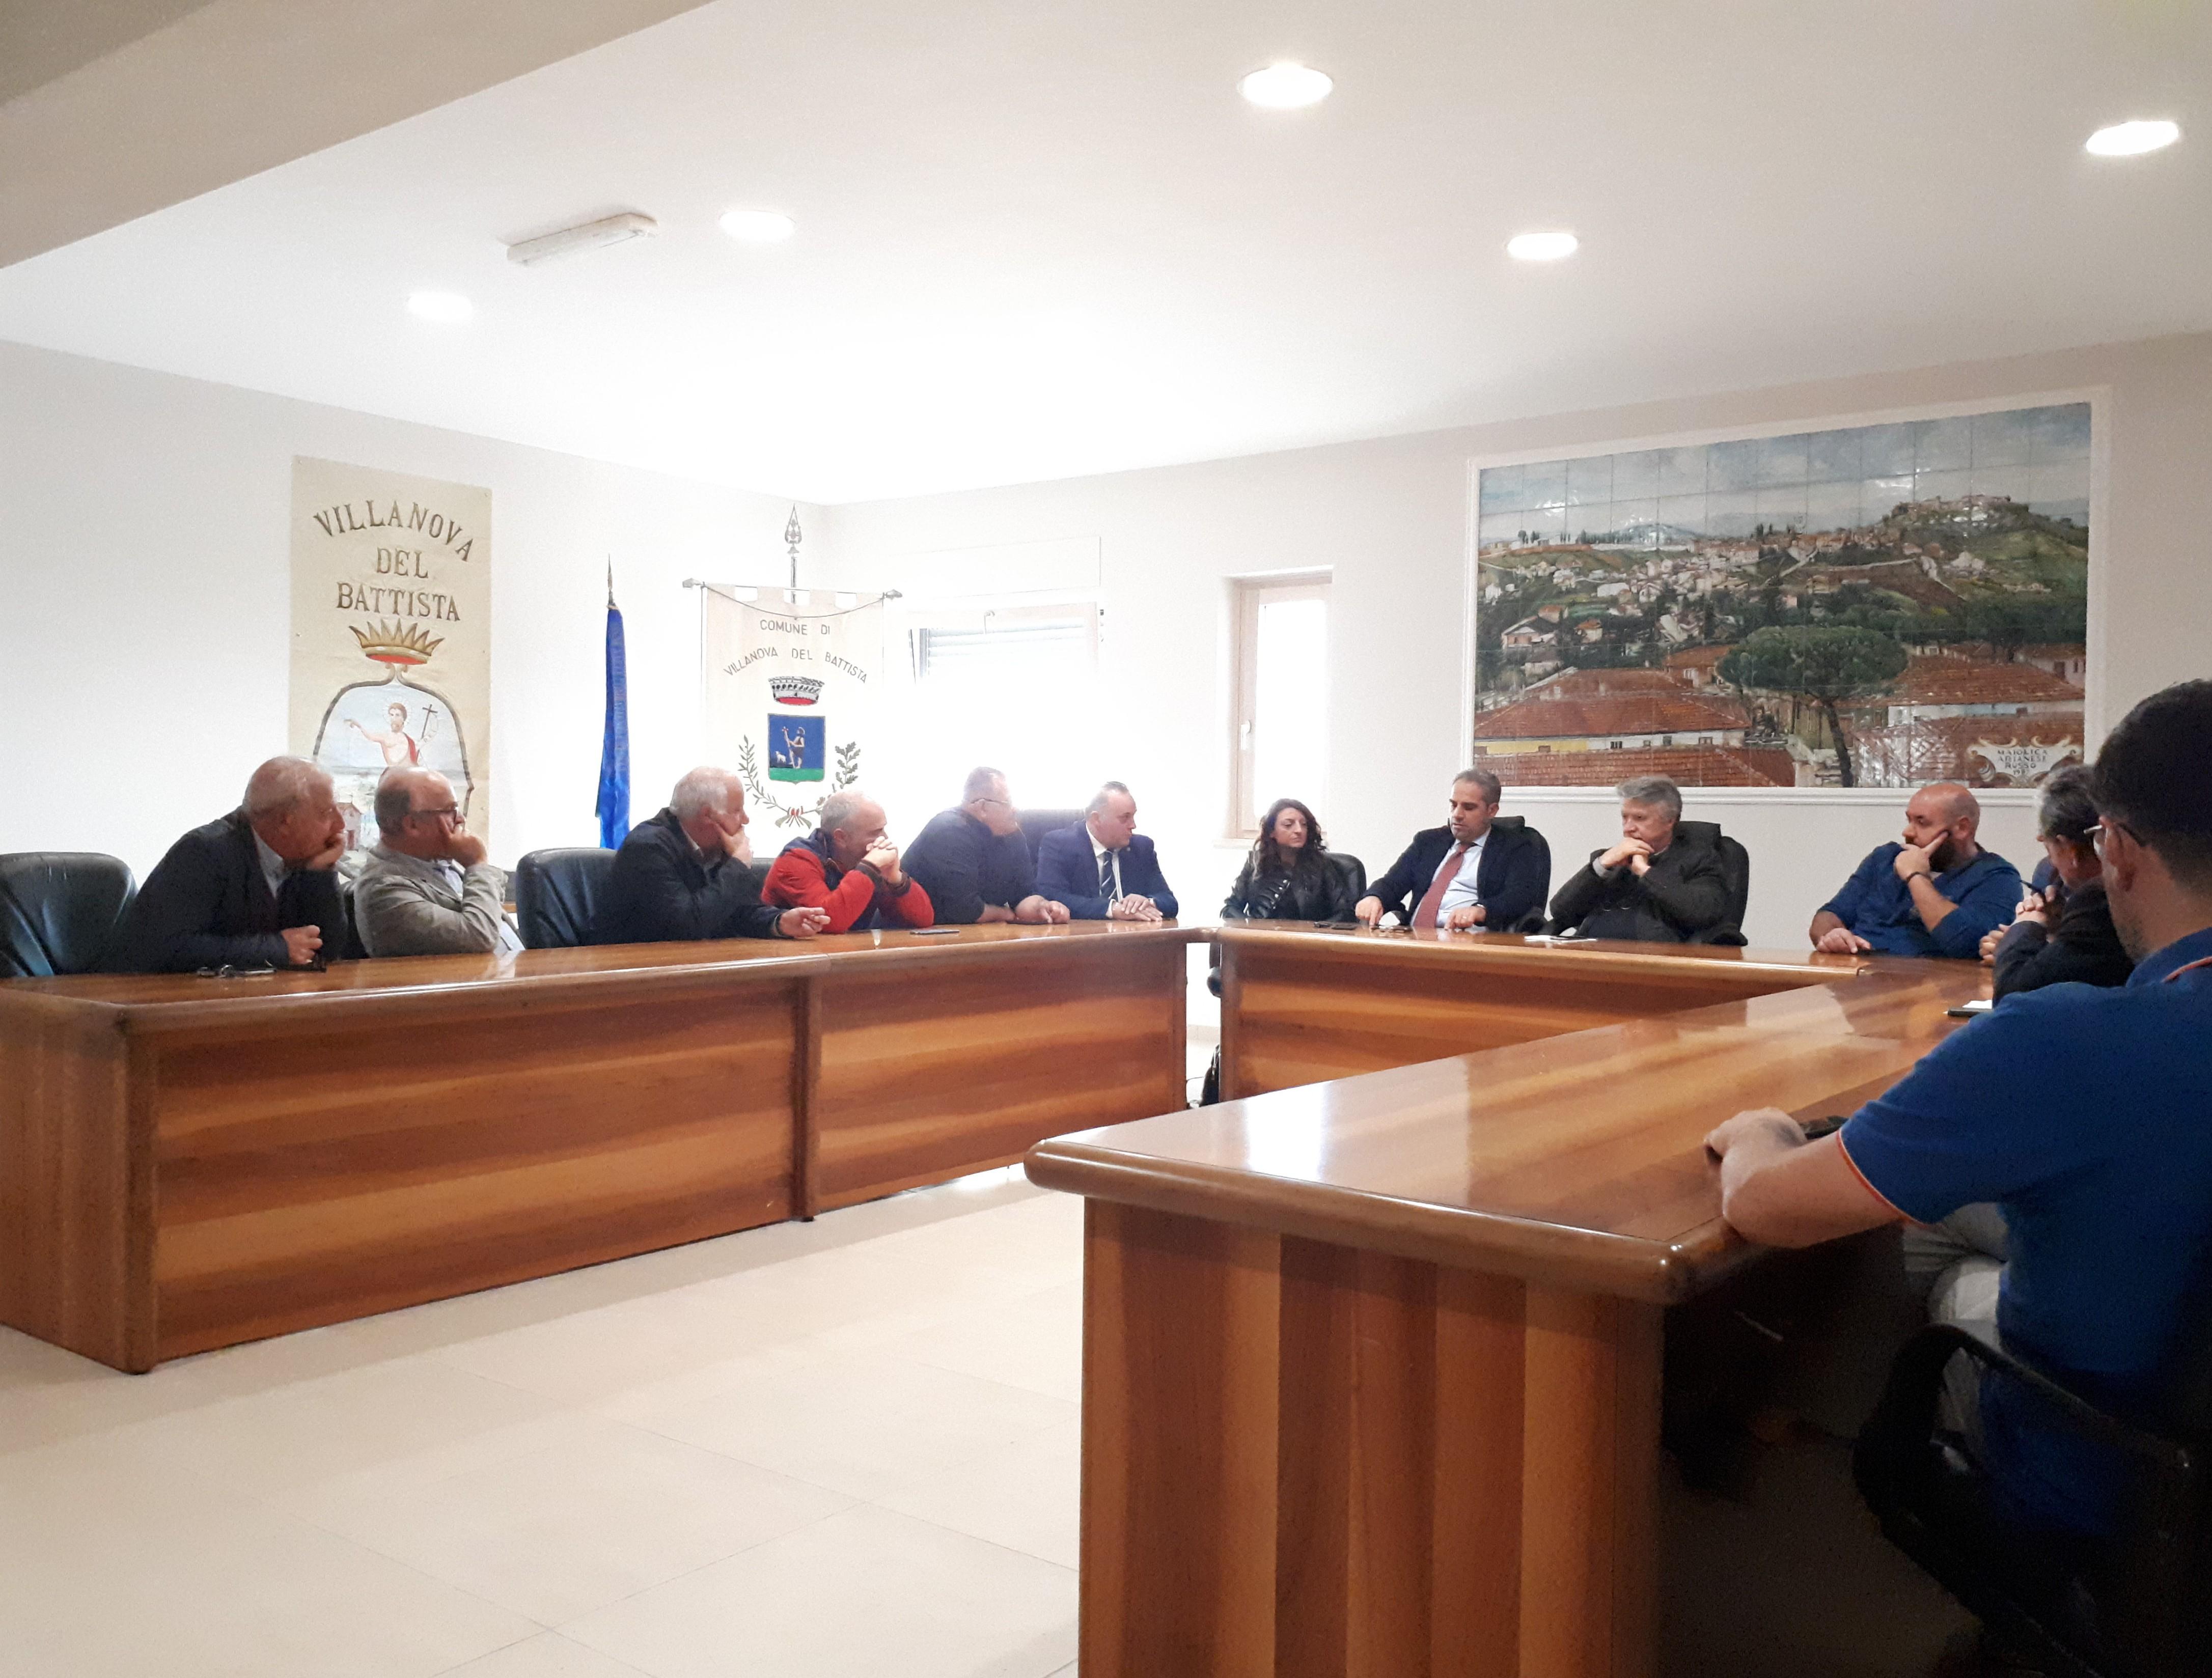 Petracca: un master plan per lo sviluppo di Baronia, Ufita, Valle del Cervaro e del Miscano